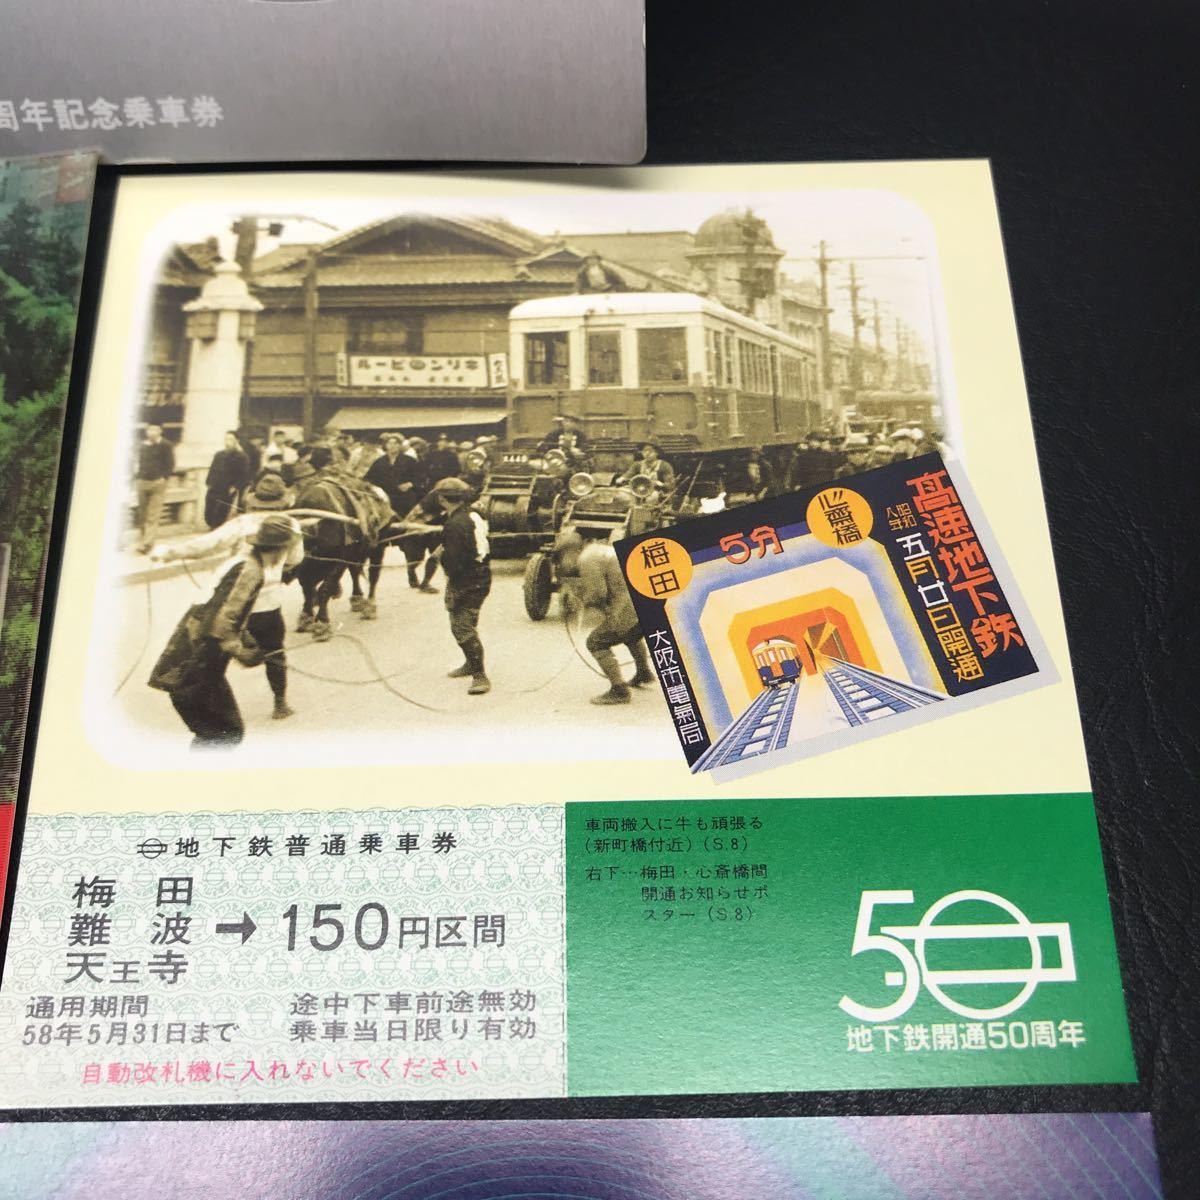 1111 大阪市交通局 地下鉄開通50周年記念乗車券 昭和58年 4枚 当時物 コレクション 鉄道資料_画像4